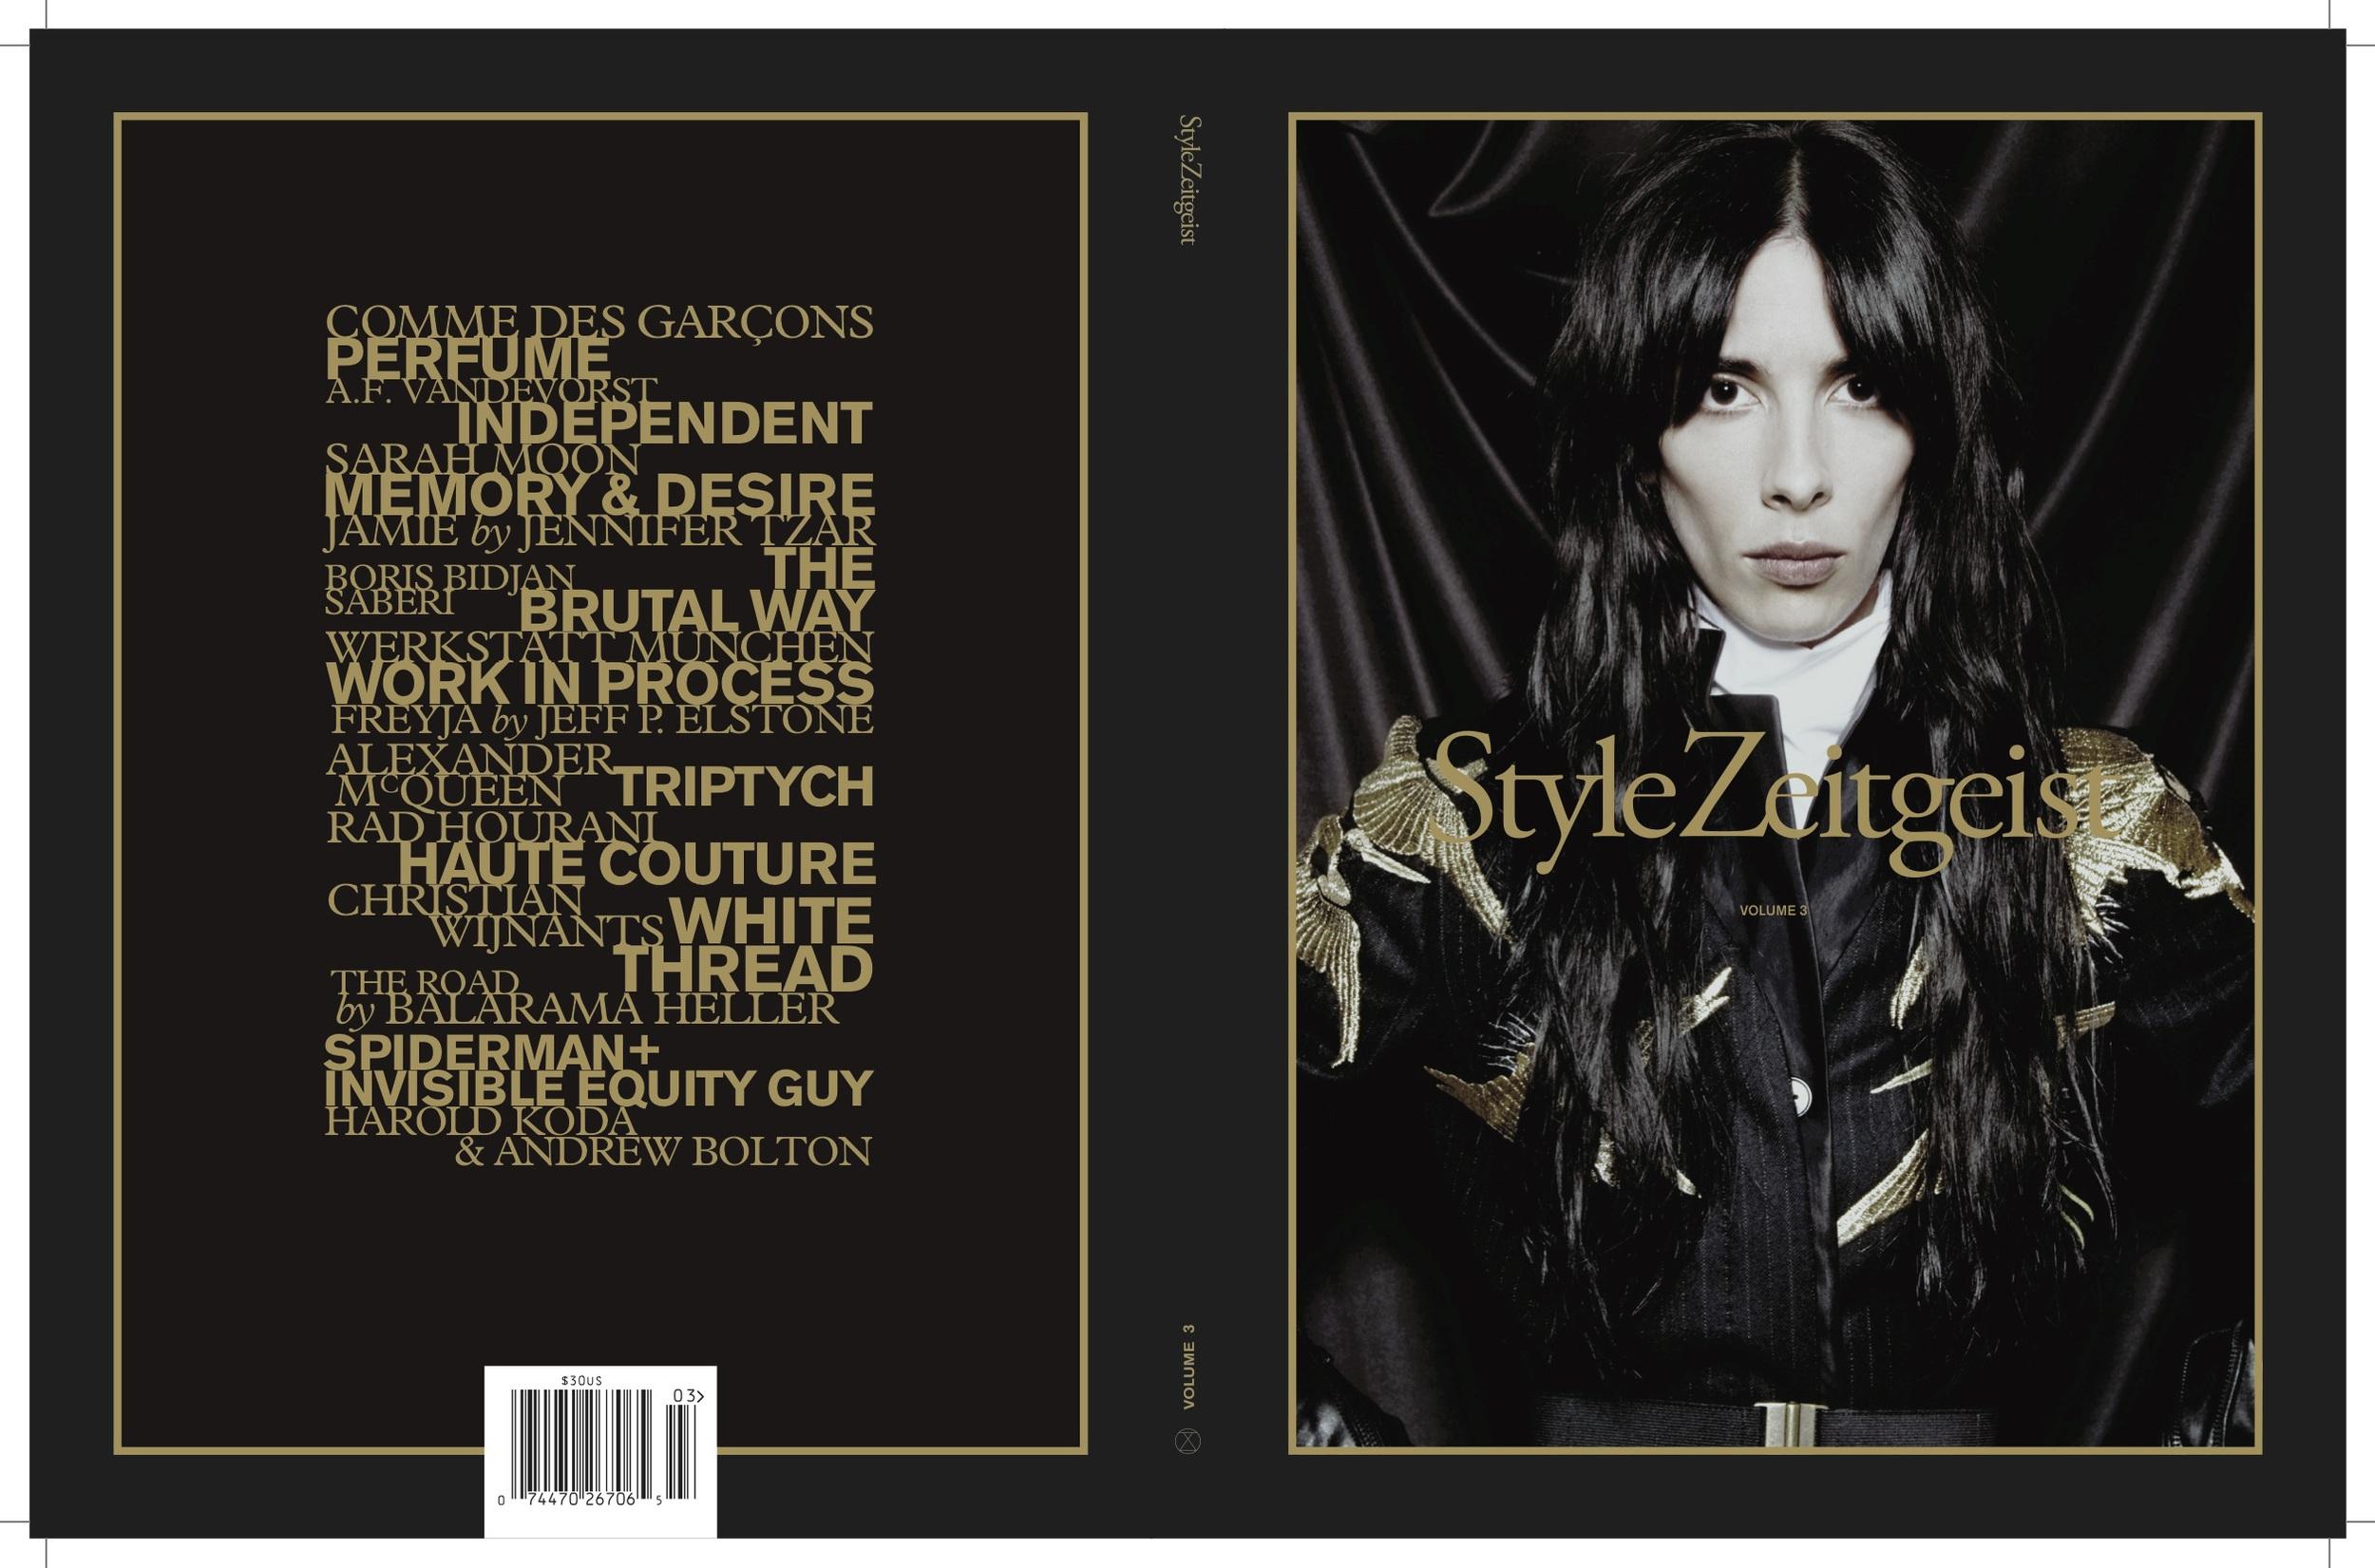 SZ3_MASTER_cover_new.jpg